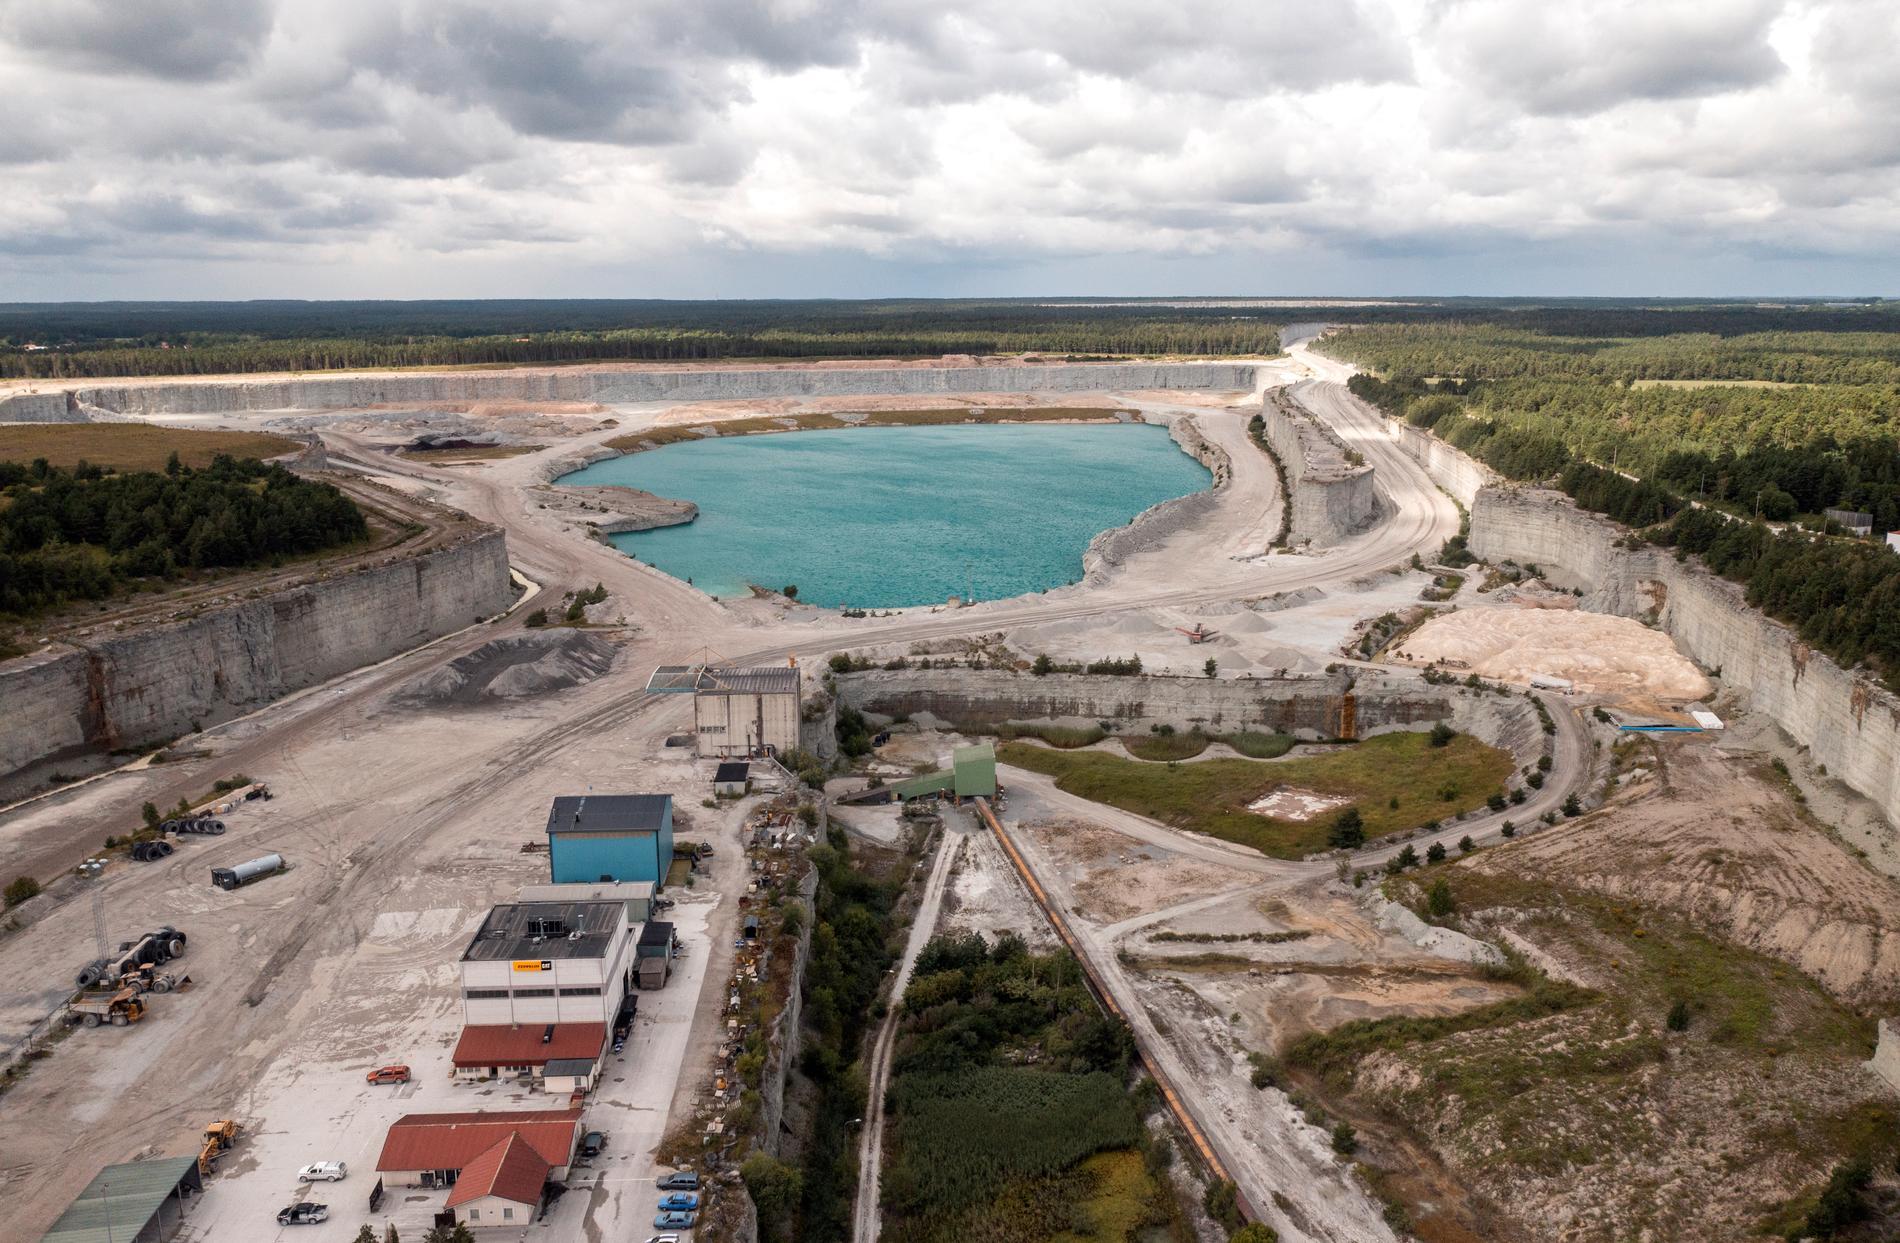 Cementas fabrik i Slite på Gotland har varit omdiskuterad senaste tiden. Arkivbild.